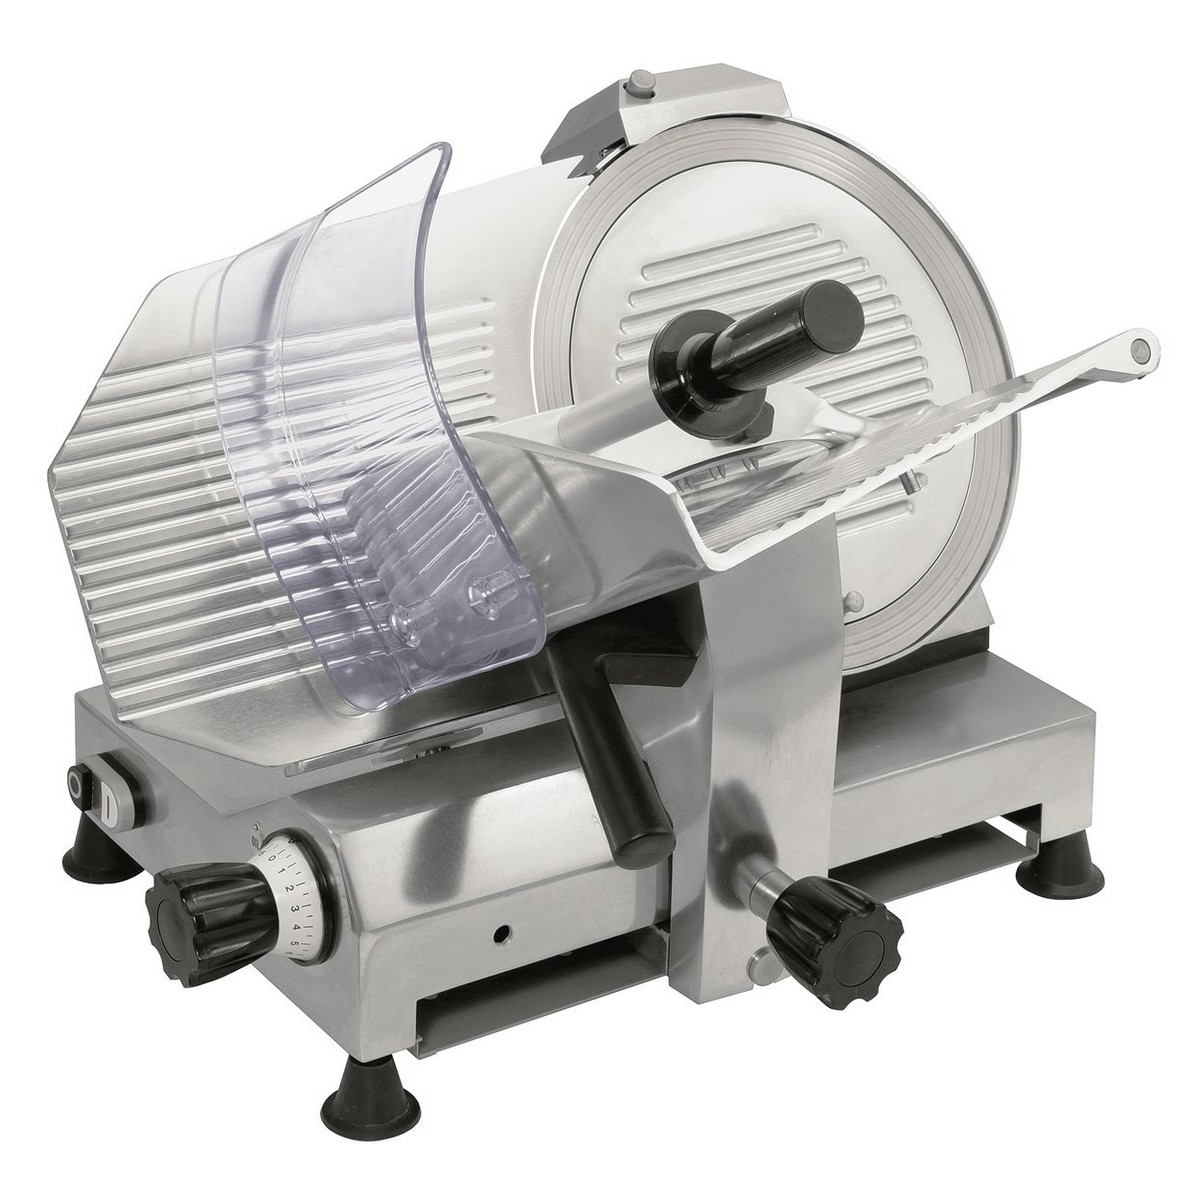 Allesschneider Modell GPR300 MN - Stahl mit einer Edelstahlklinge von Ø 300 mm